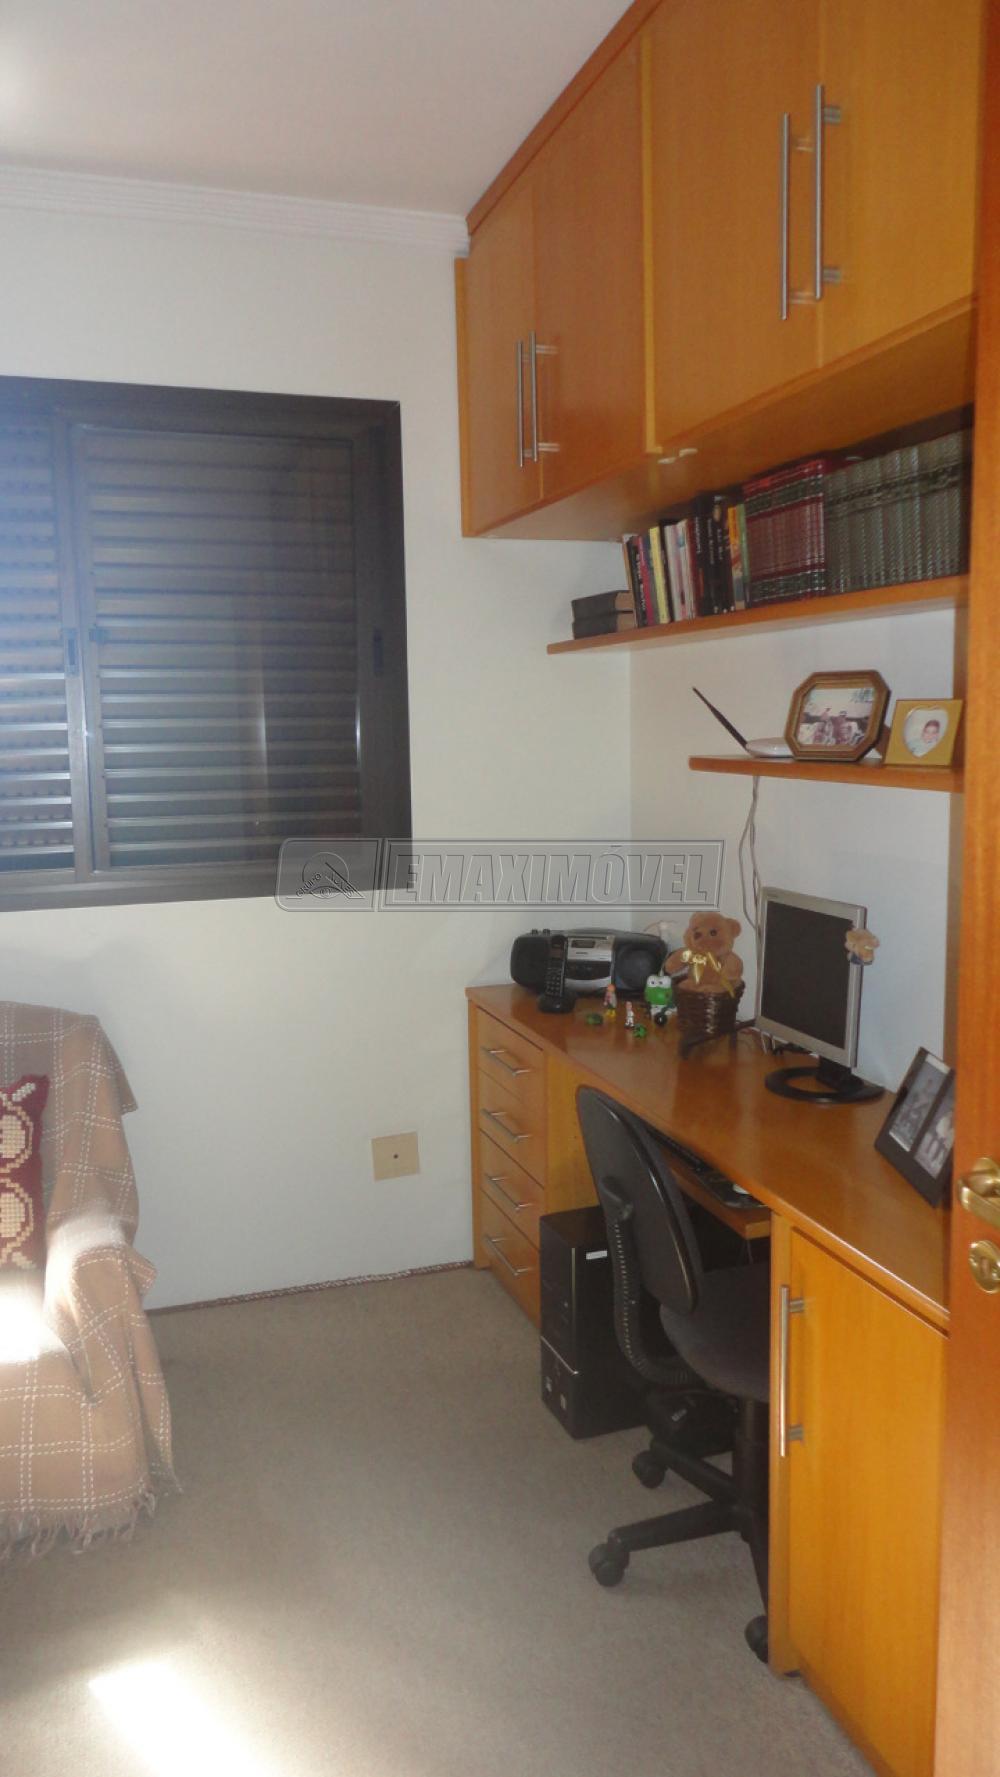 Comprar Apartamentos / Apto Padrão em Sorocaba apenas R$ 510.000,00 - Foto 12